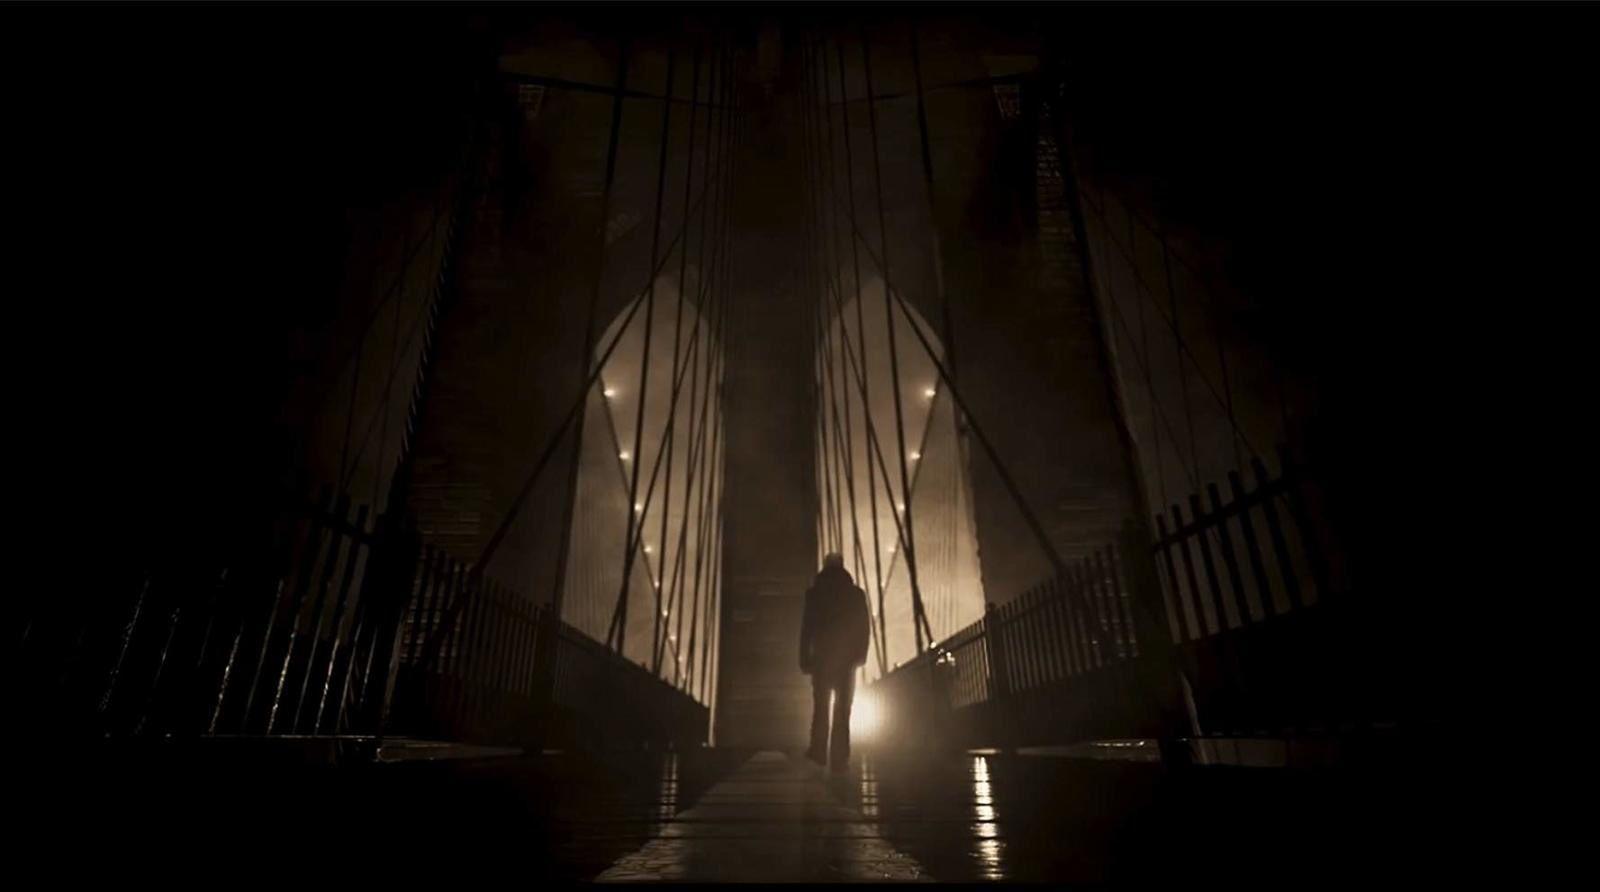 Brooklyn Affairs (BANDE-ANNONCE) avec Bruce Willis, Edward Norton, Willem Dafoe - Le 4 décembre 2019 au cinéma